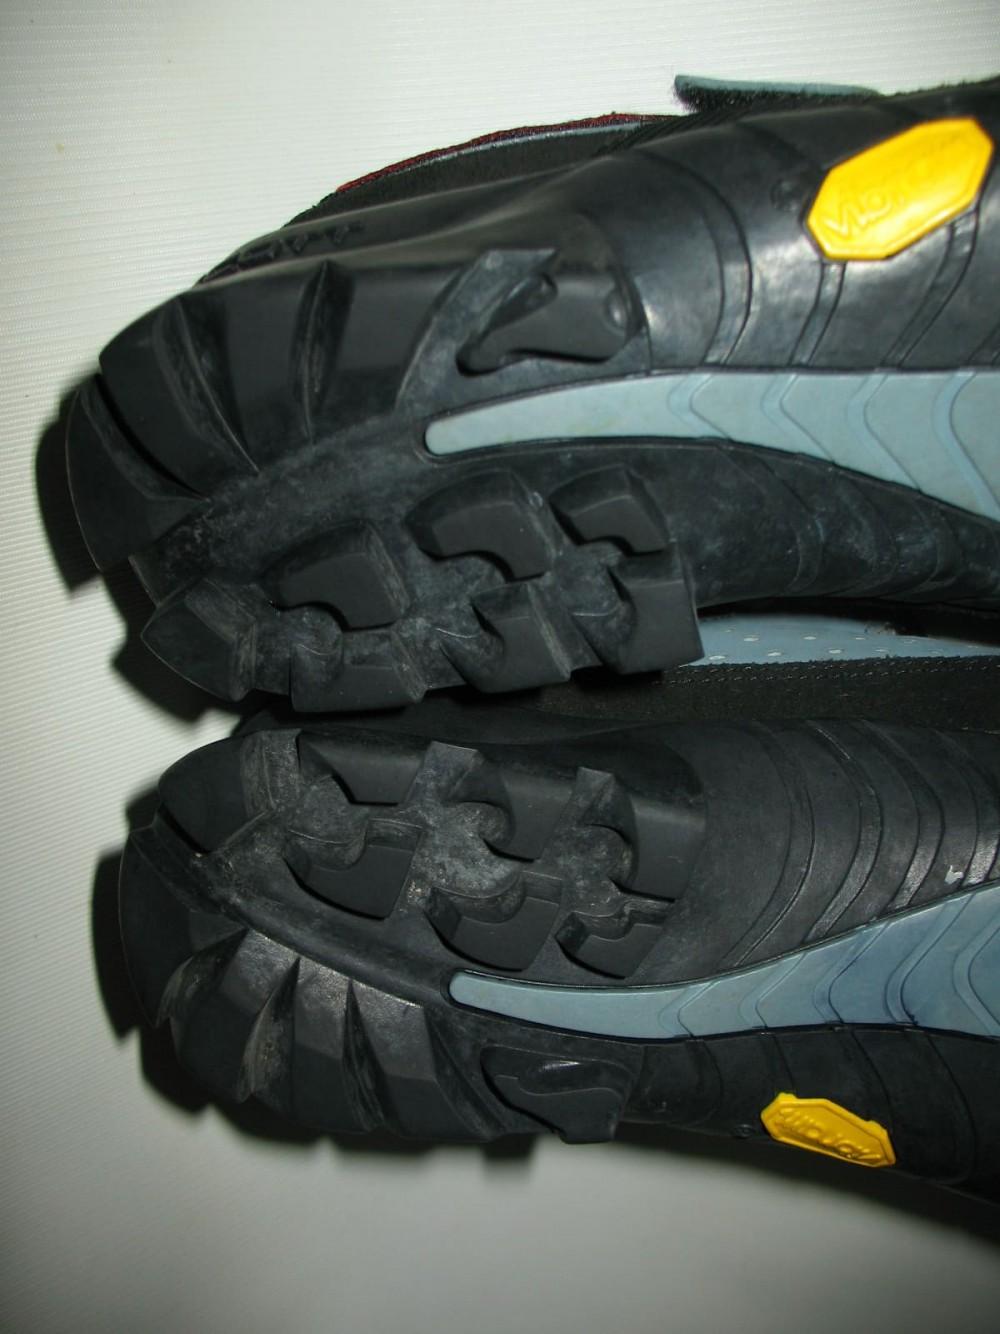 Велотуфли SCOTT vibram mtb bike shoes (размер US9/UK8/EU42(на стопу 265 mm)) - 7